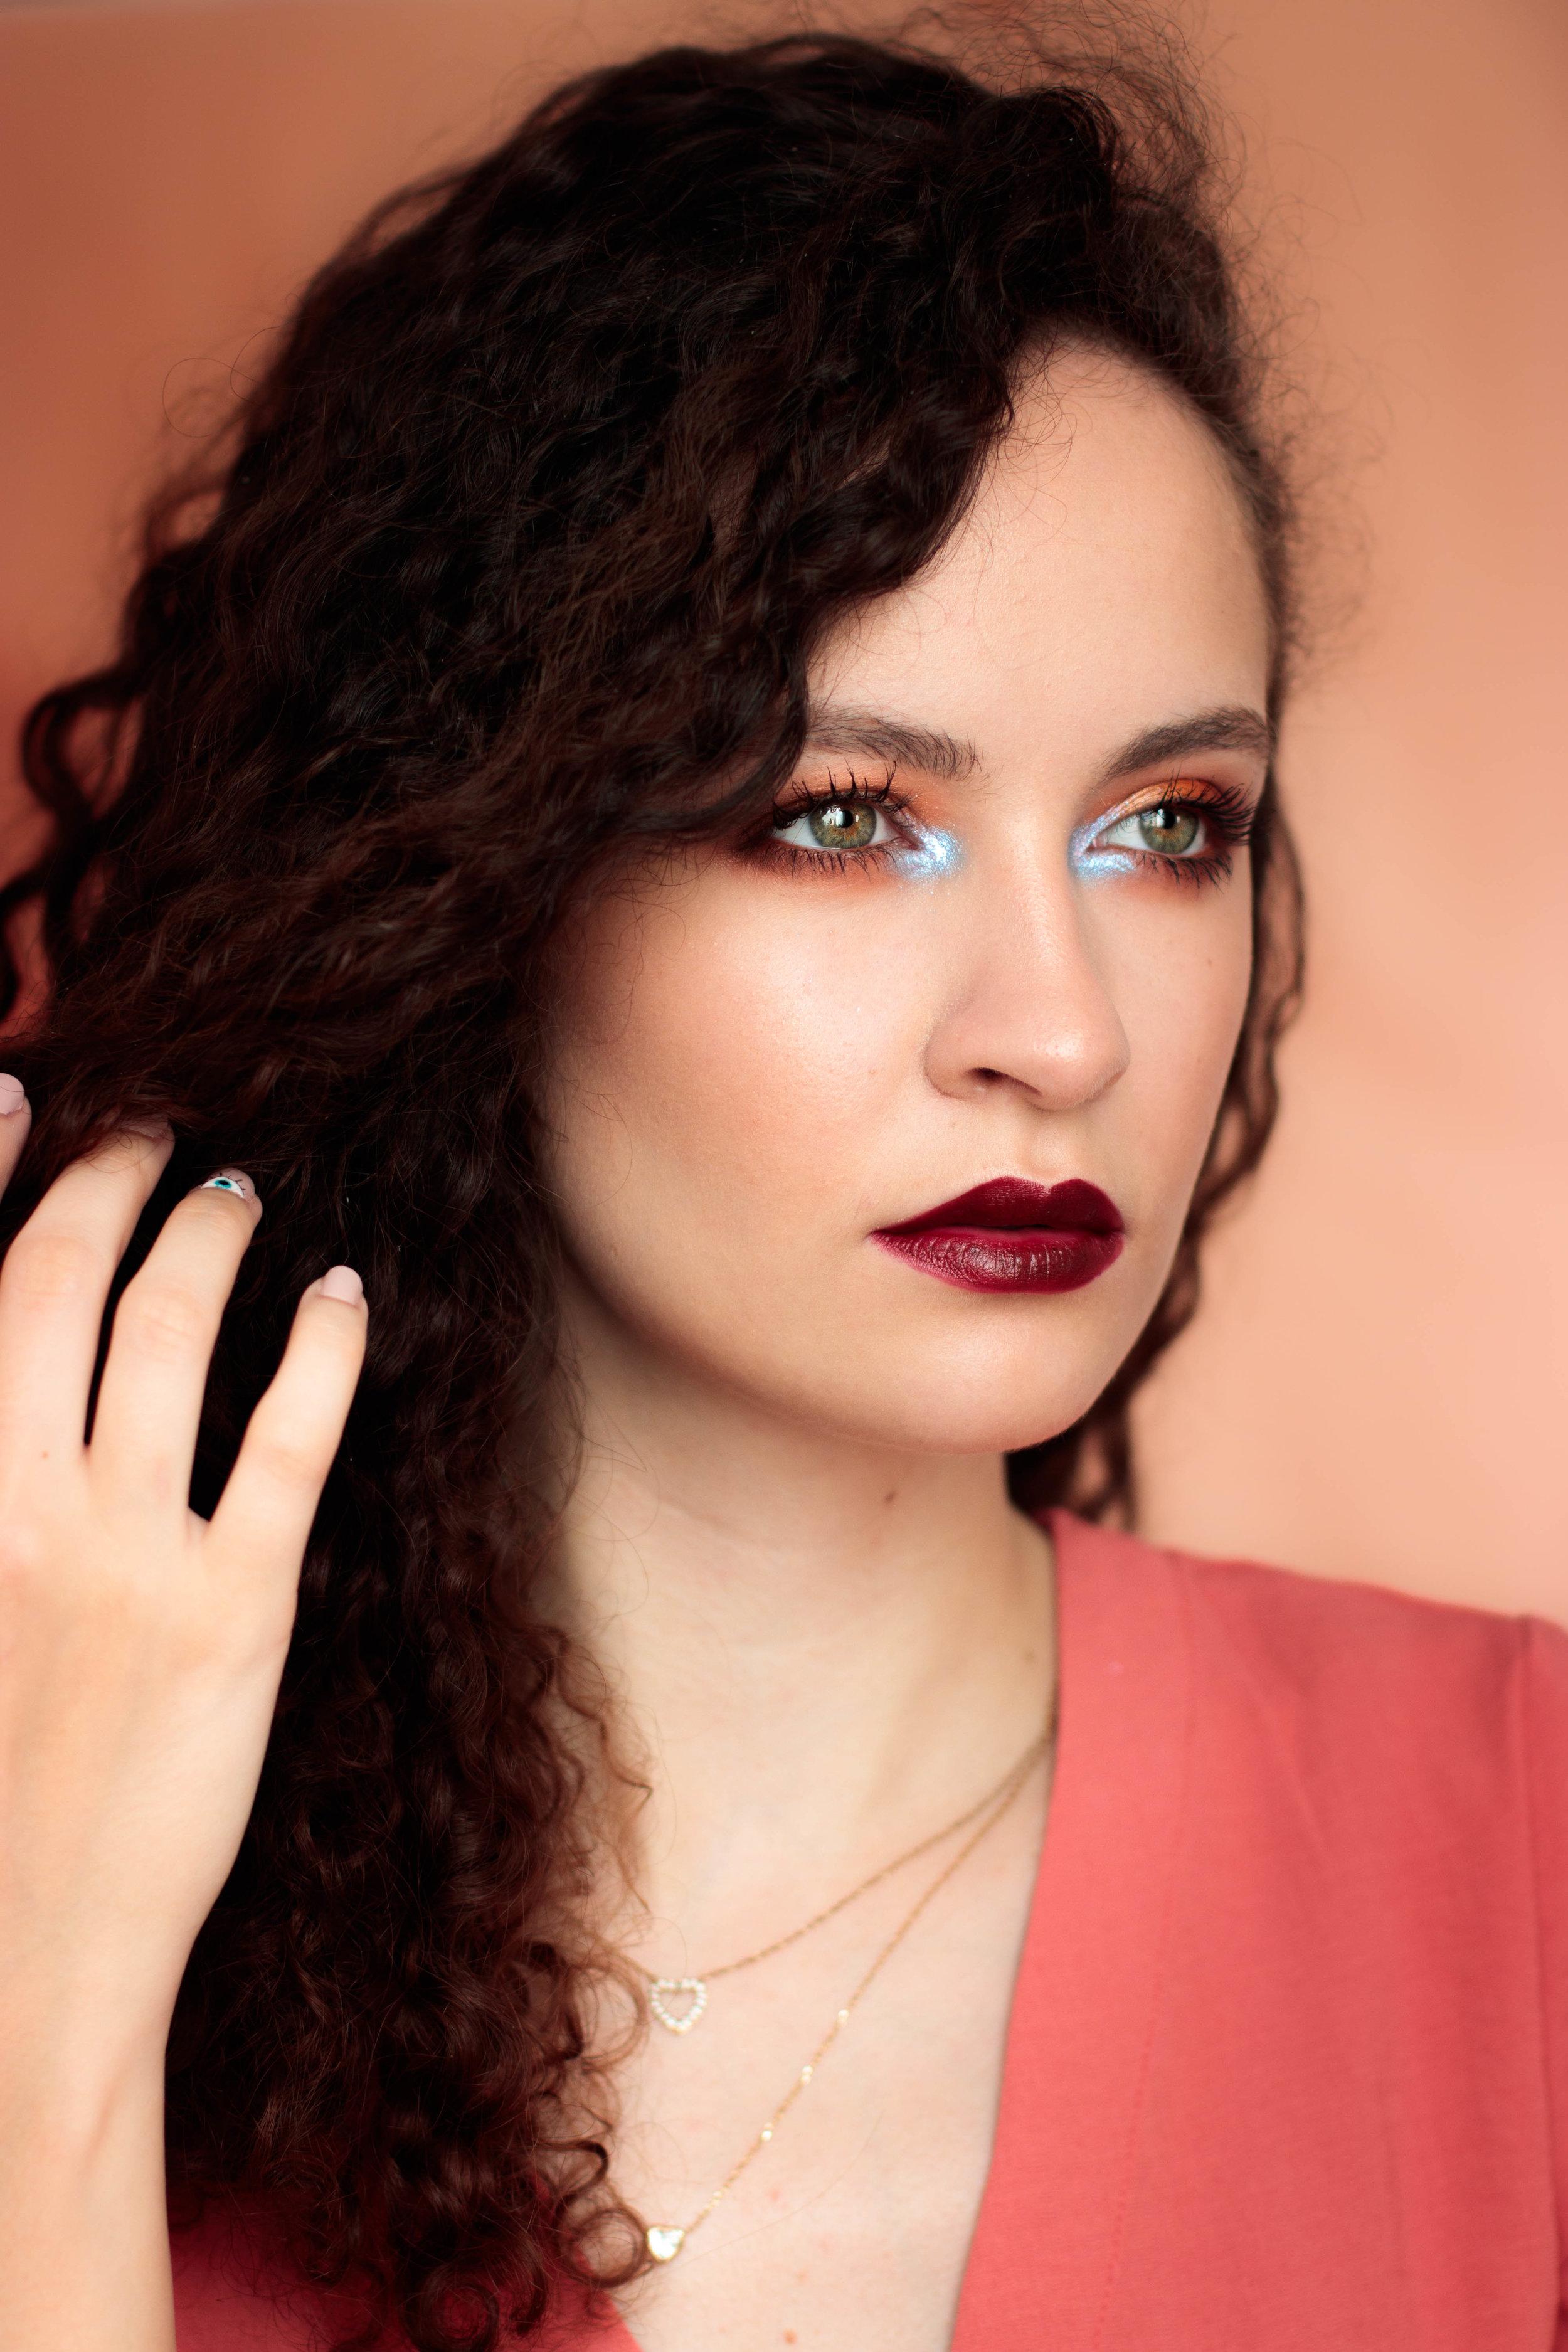 gumball-makeup-pauuulette-i-heart-revolution-sprinkles-palette-2.jpg